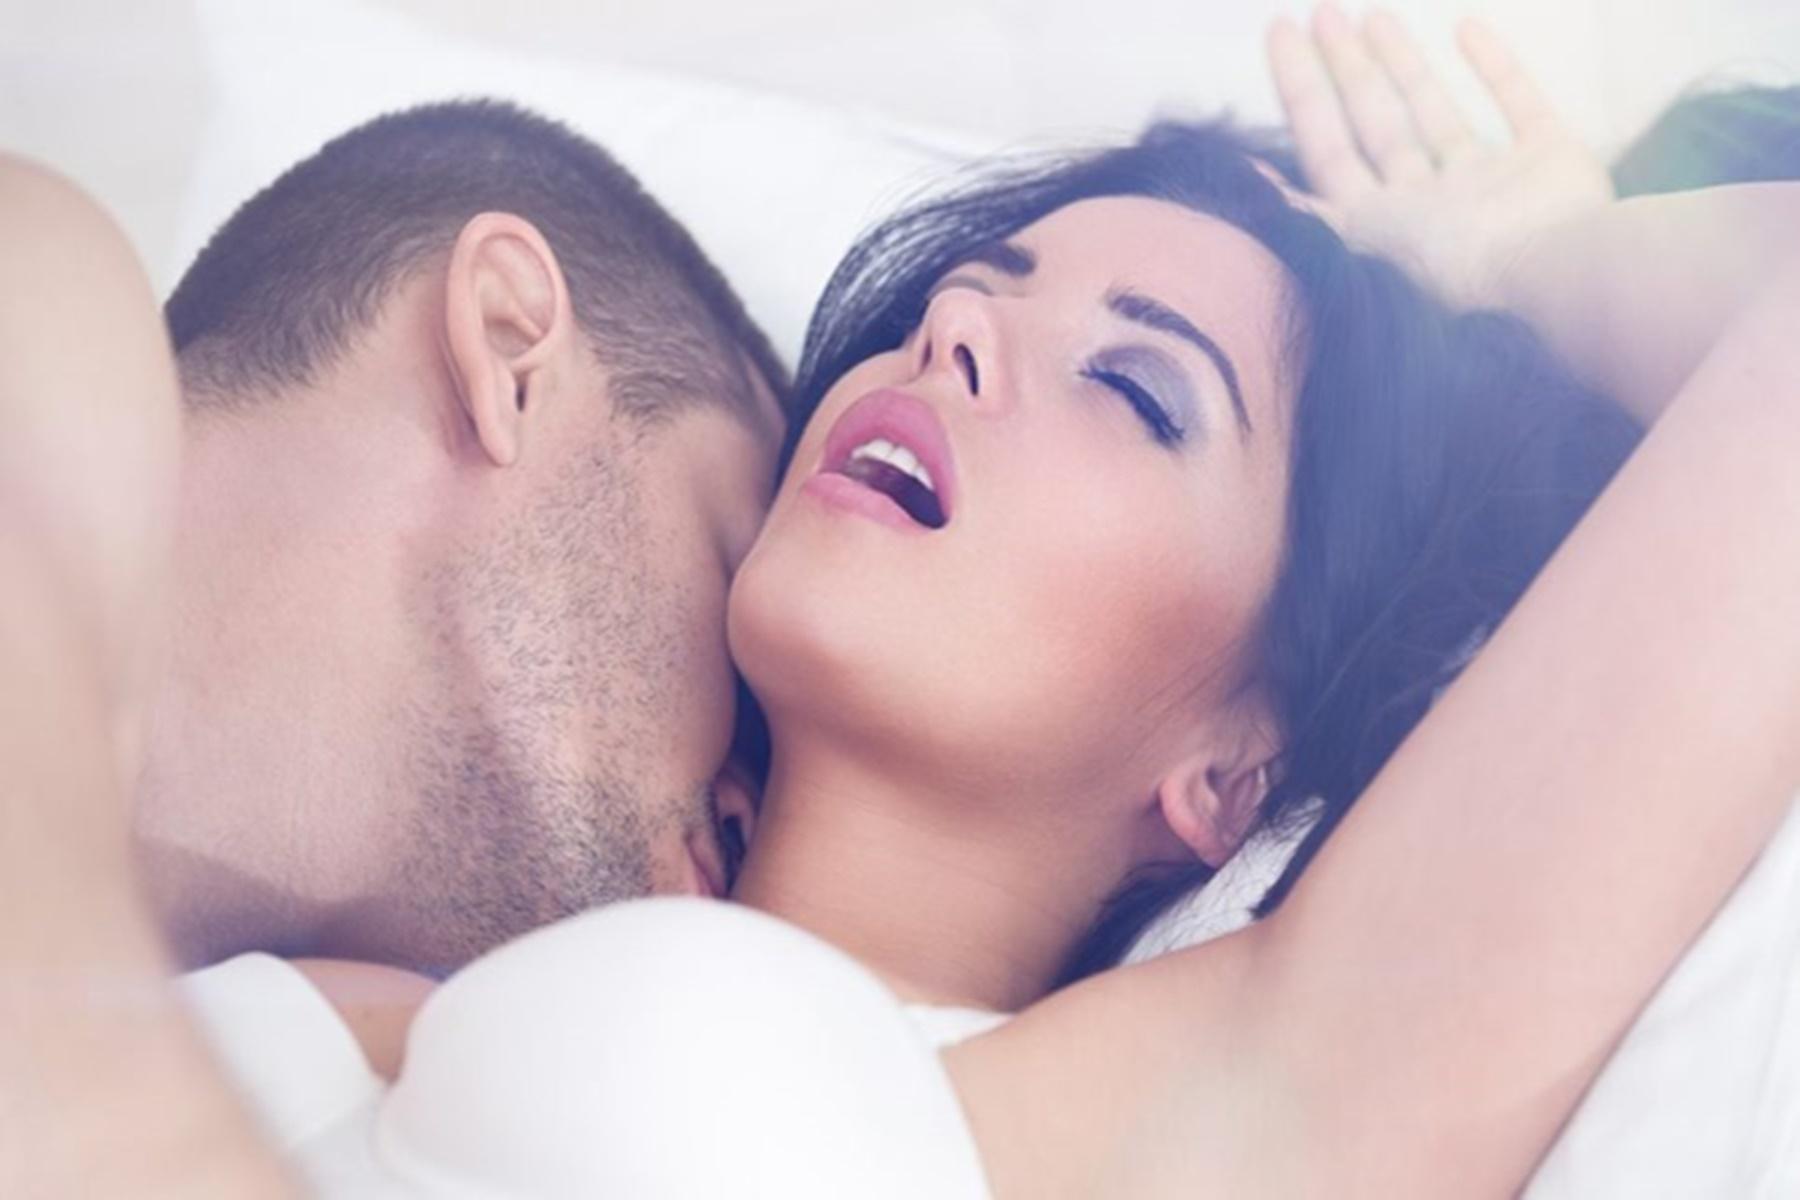 Σεξουαλική ζωή: Συμβουλές για να απογειωθείτε